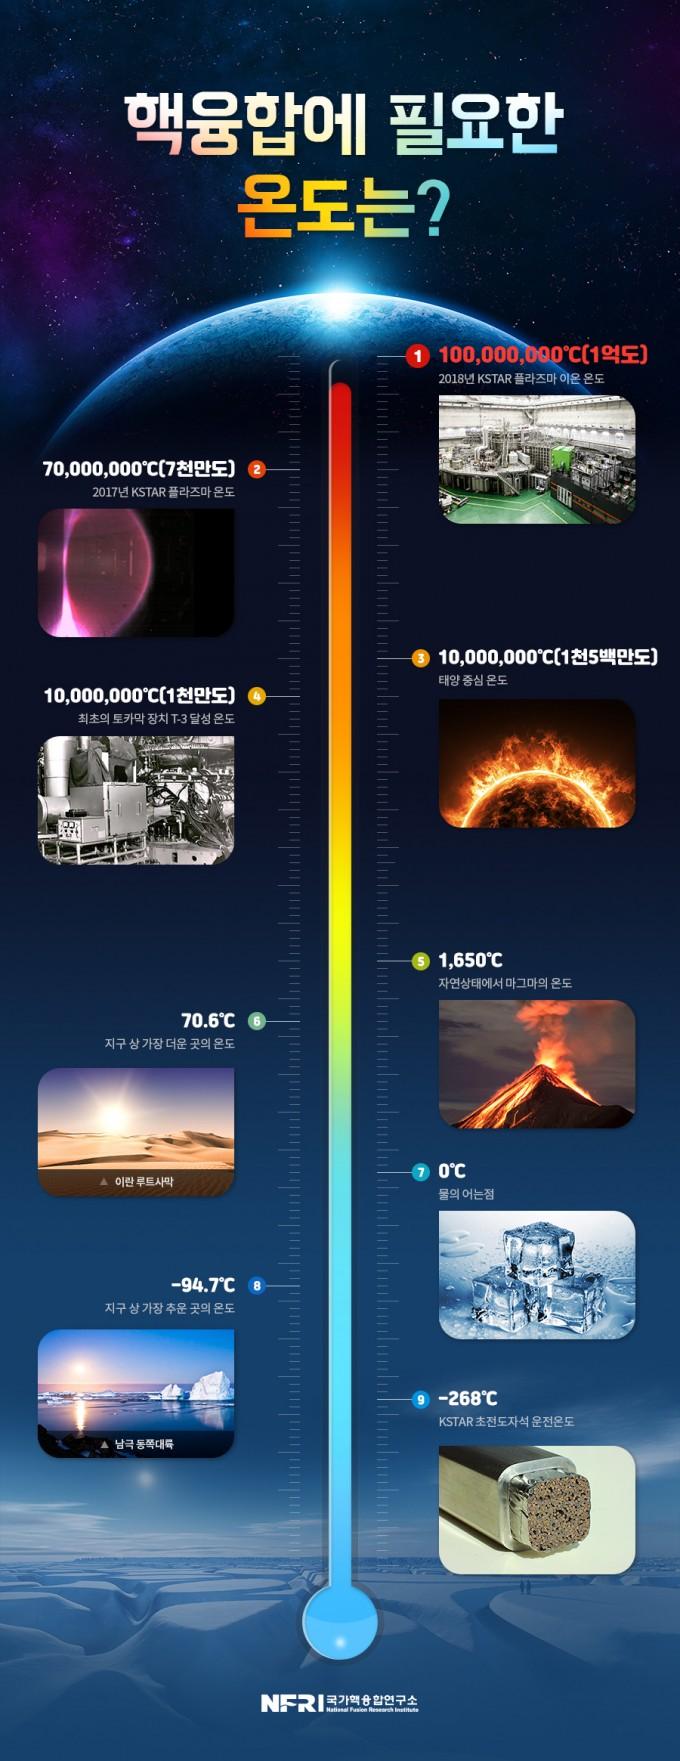 핵융합에 필요한 온도. 국가핵융합연구소 제공.